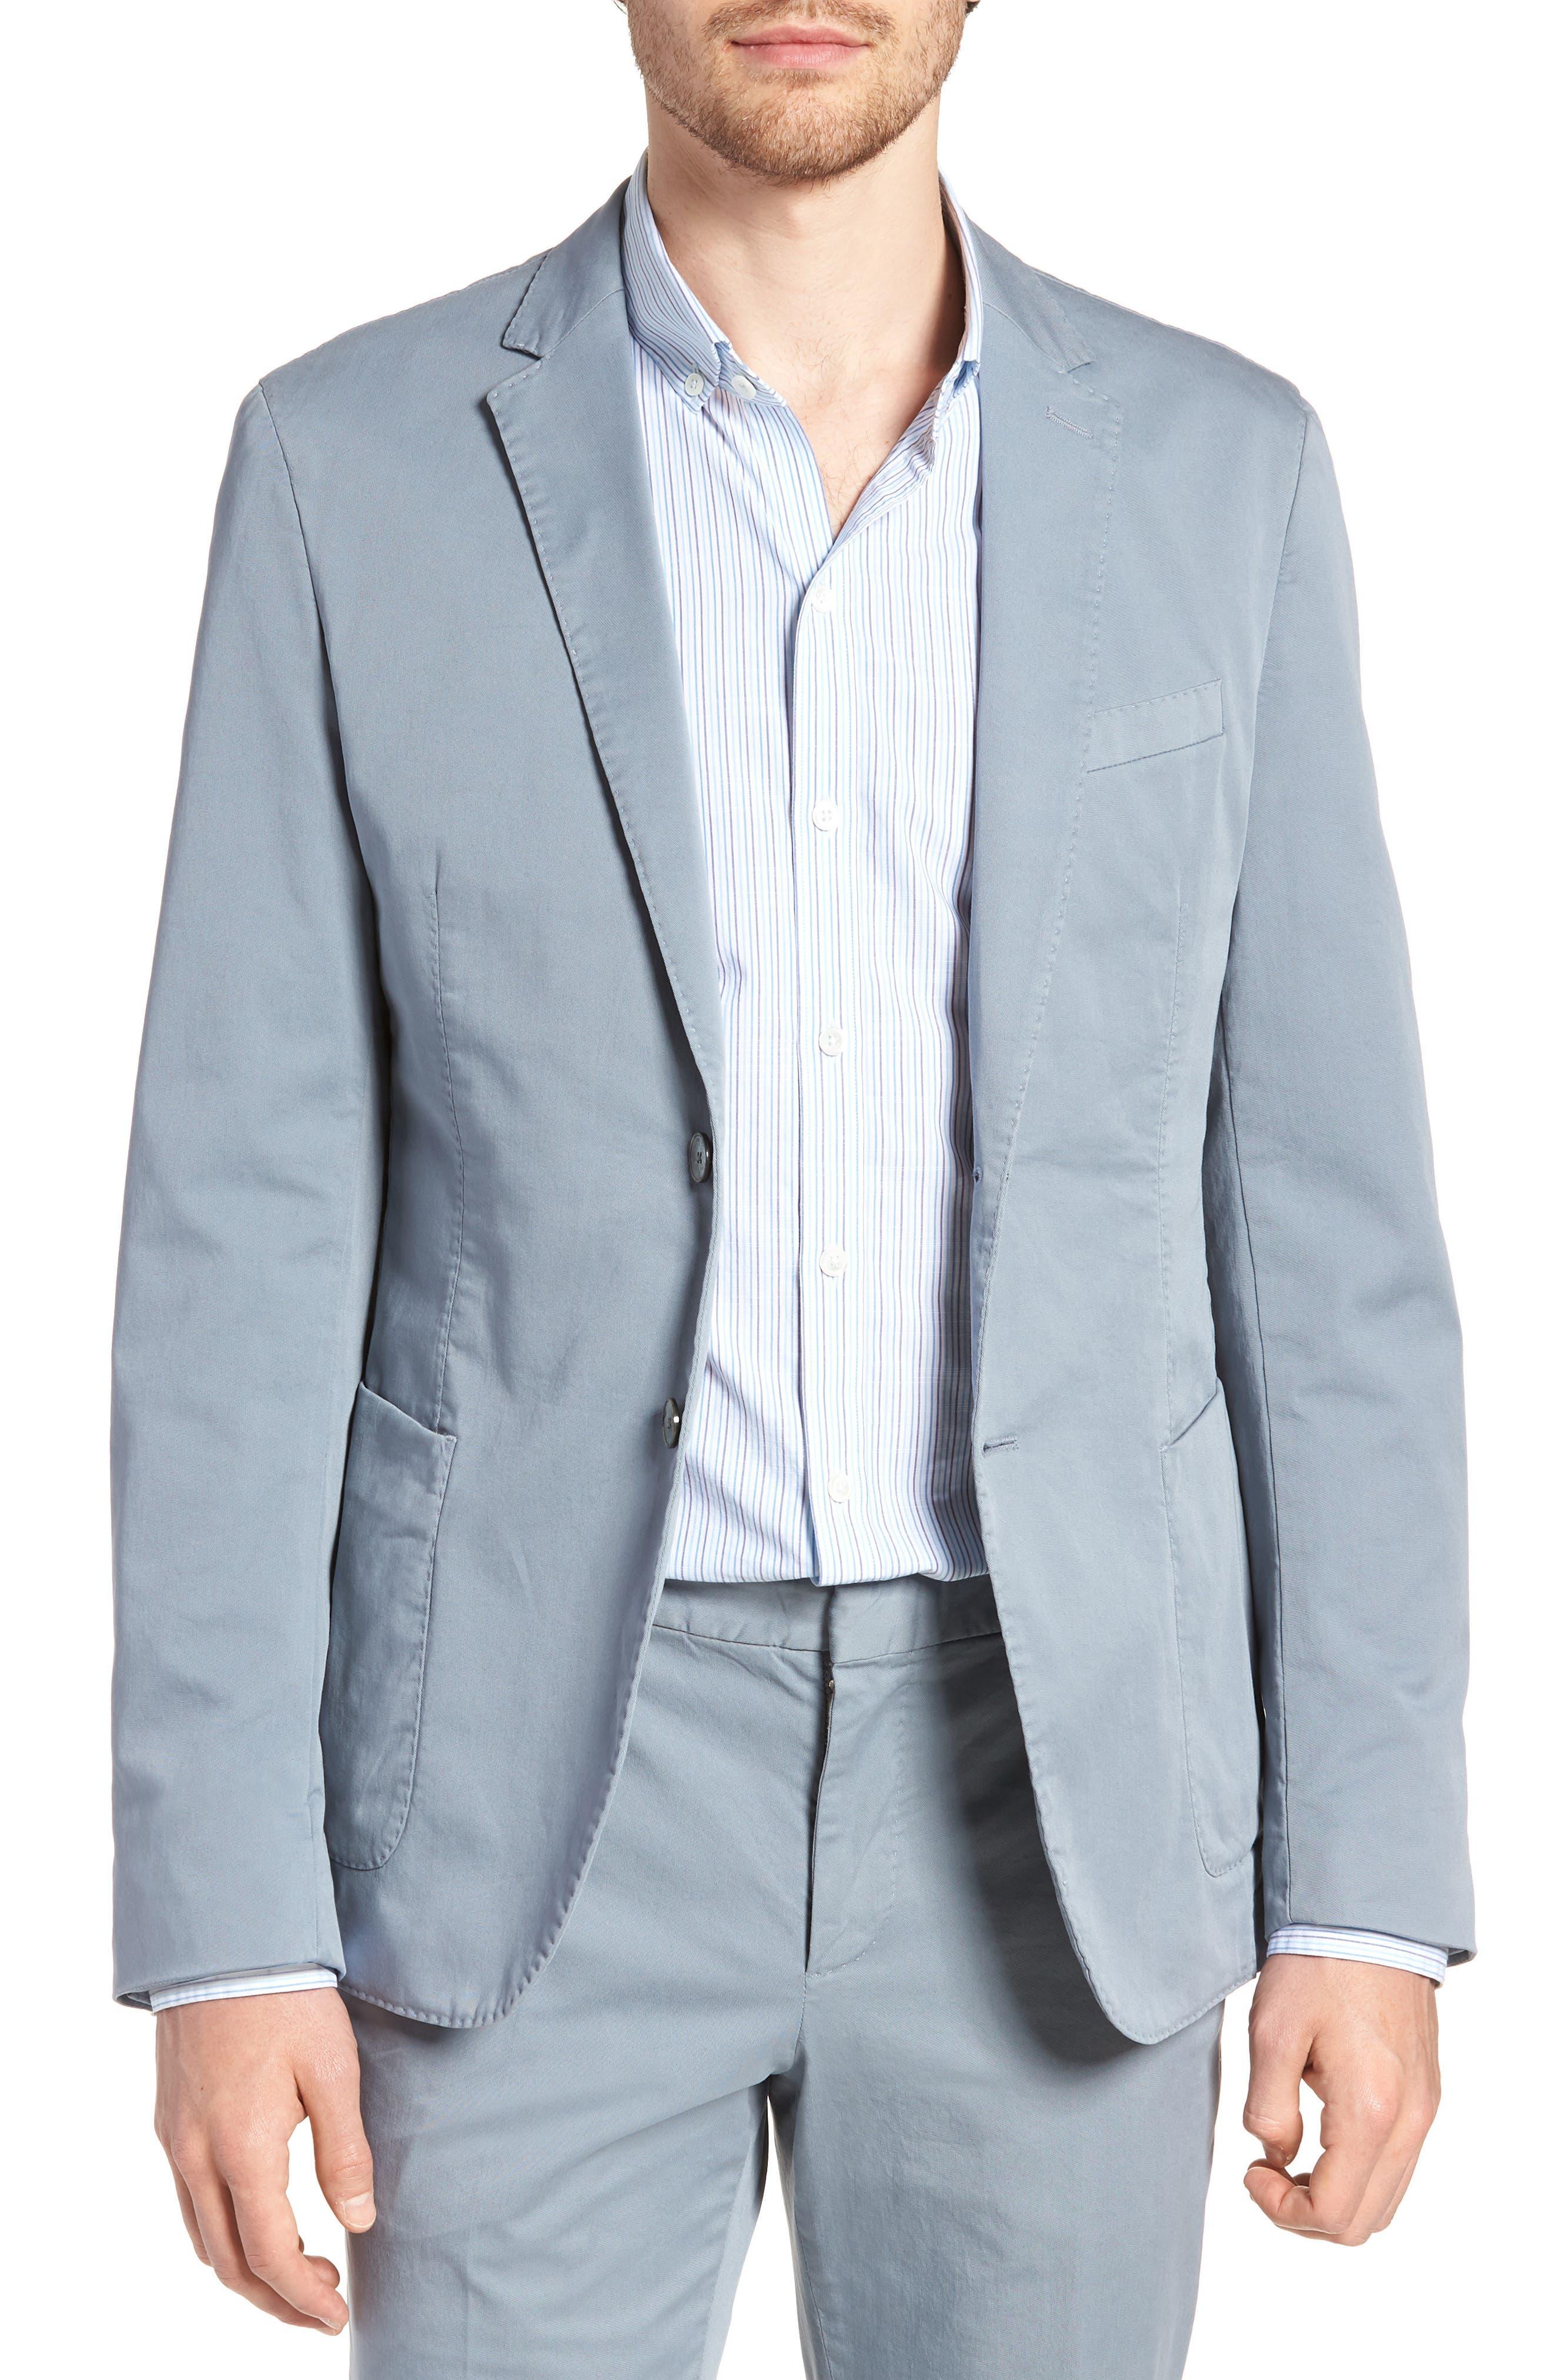 Hanry-D Trim Fit Stretch Cotton Blazer,                             Main thumbnail 1, color,                             BLUE